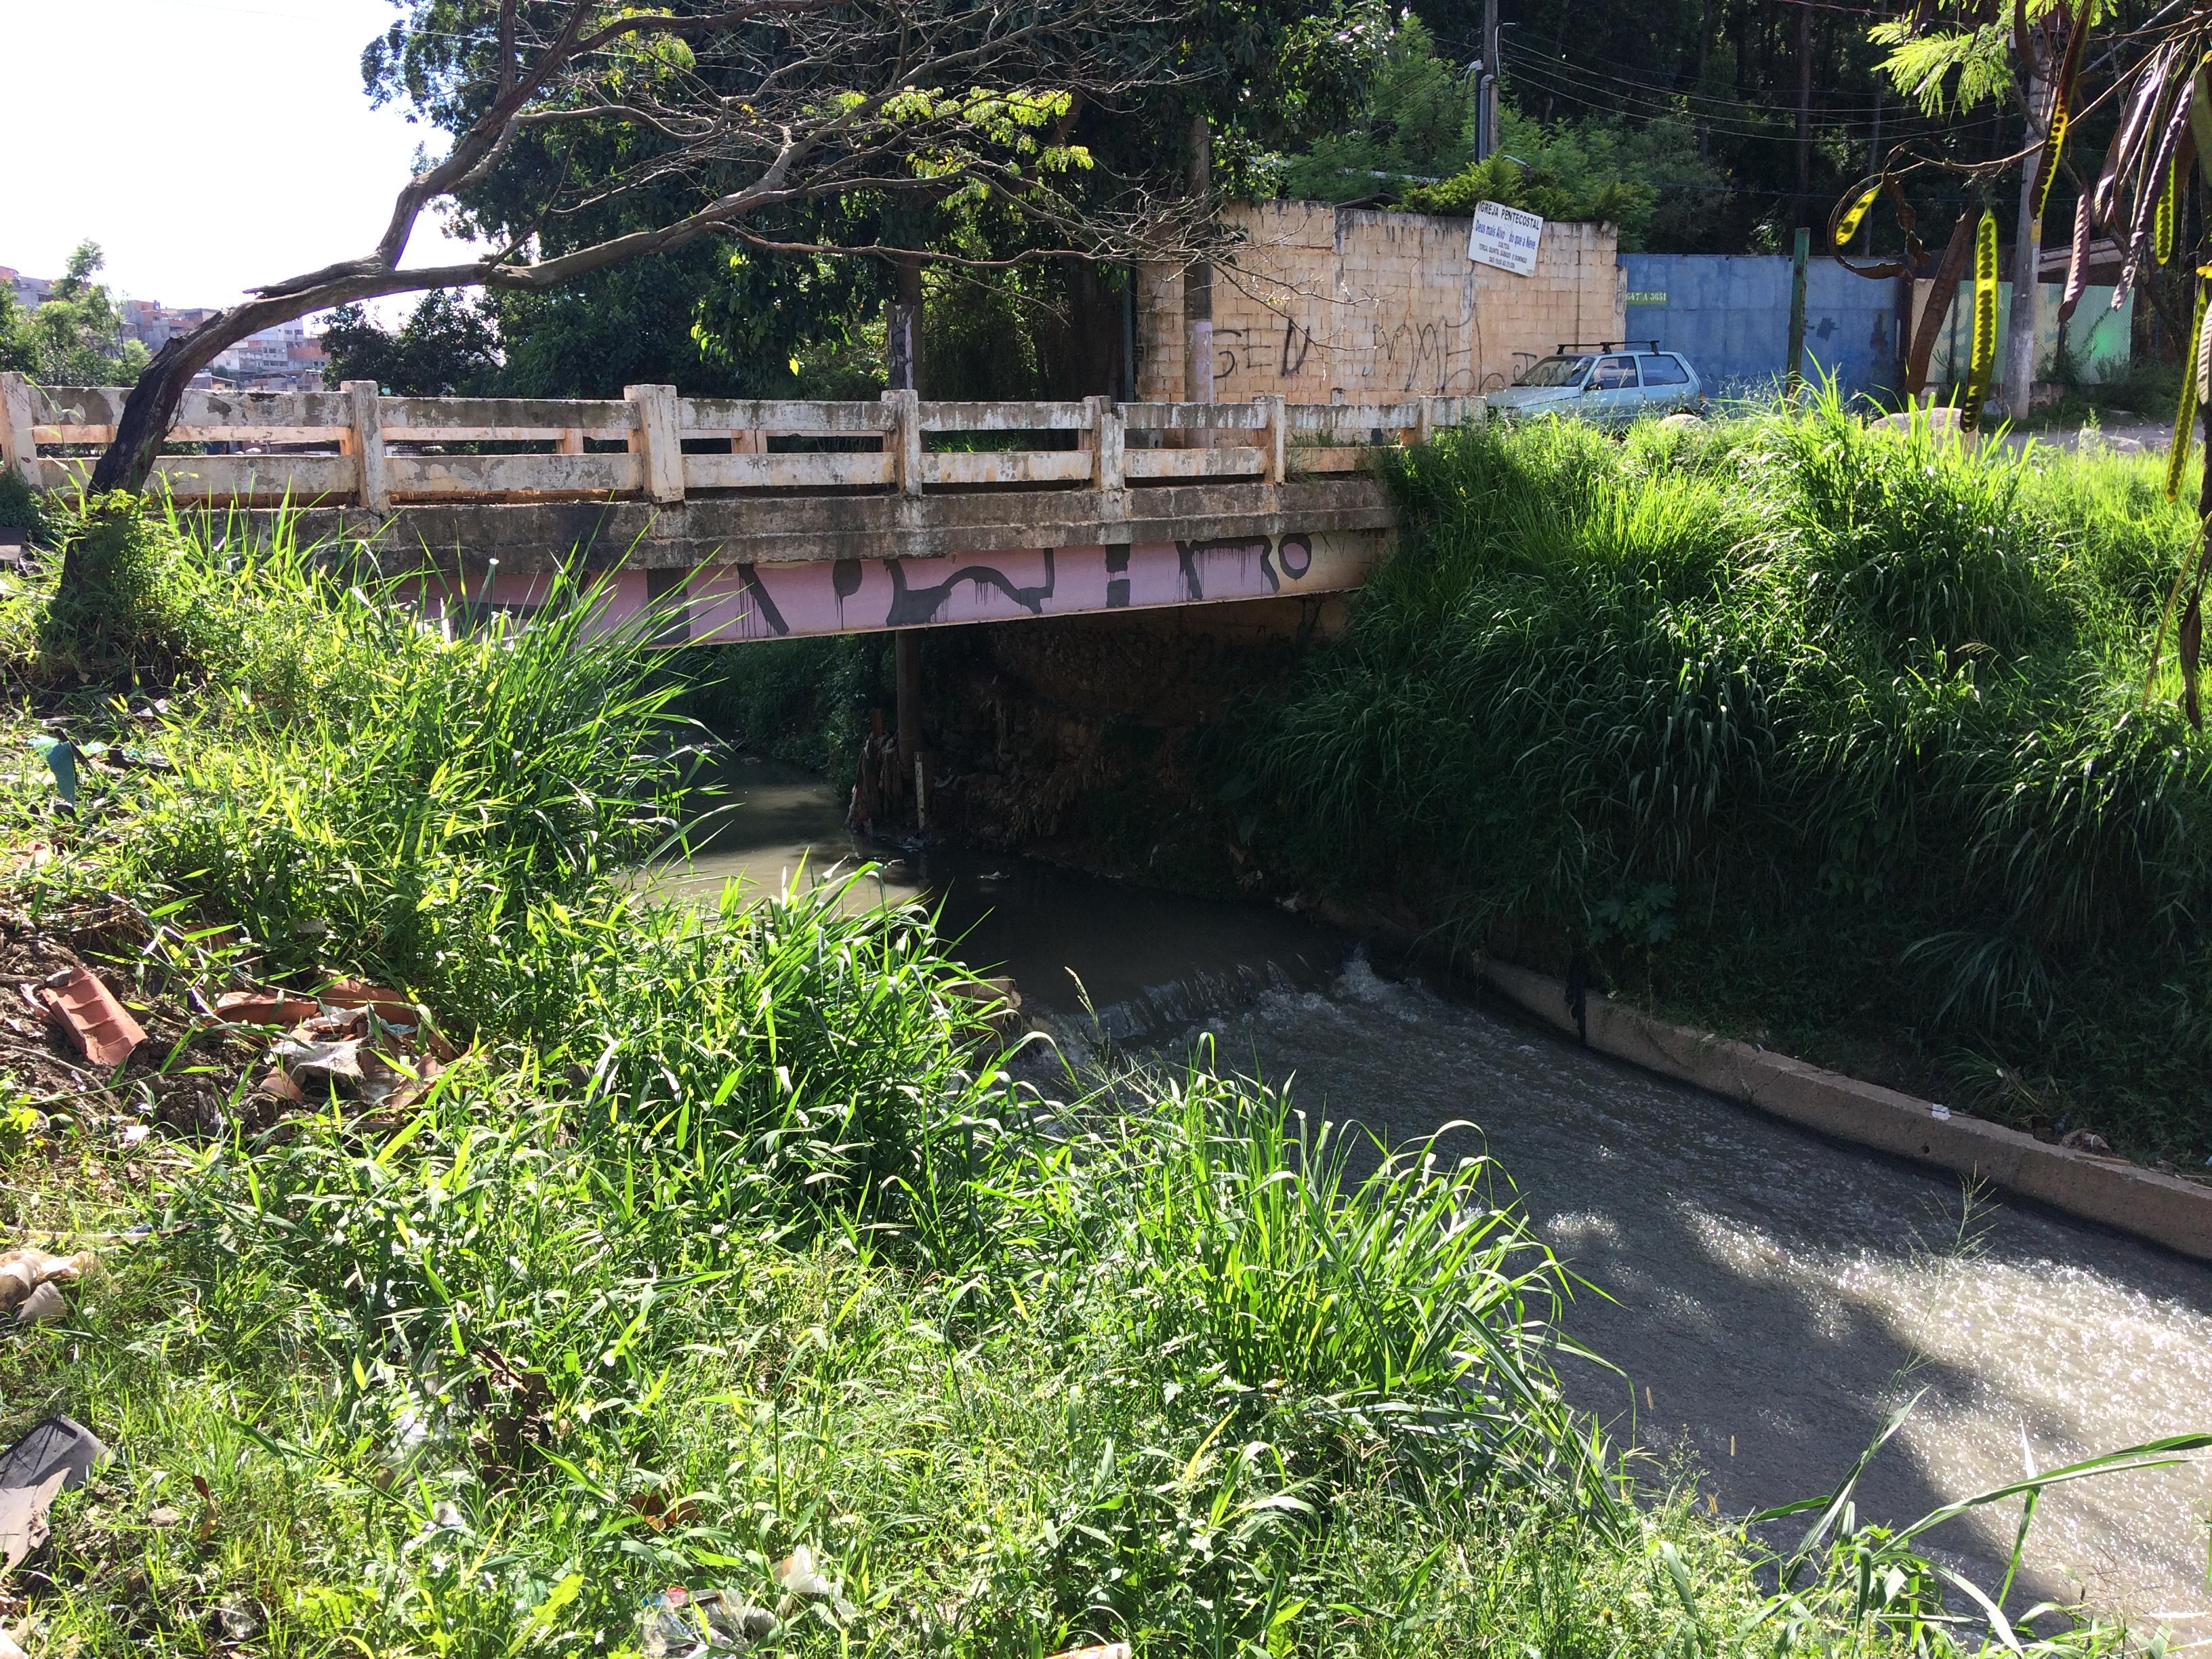 Córrego do Bananal também deságua no piscinão do Bananal. Em suas margens, entulhos e descartes ilegais, como sucatas de carros